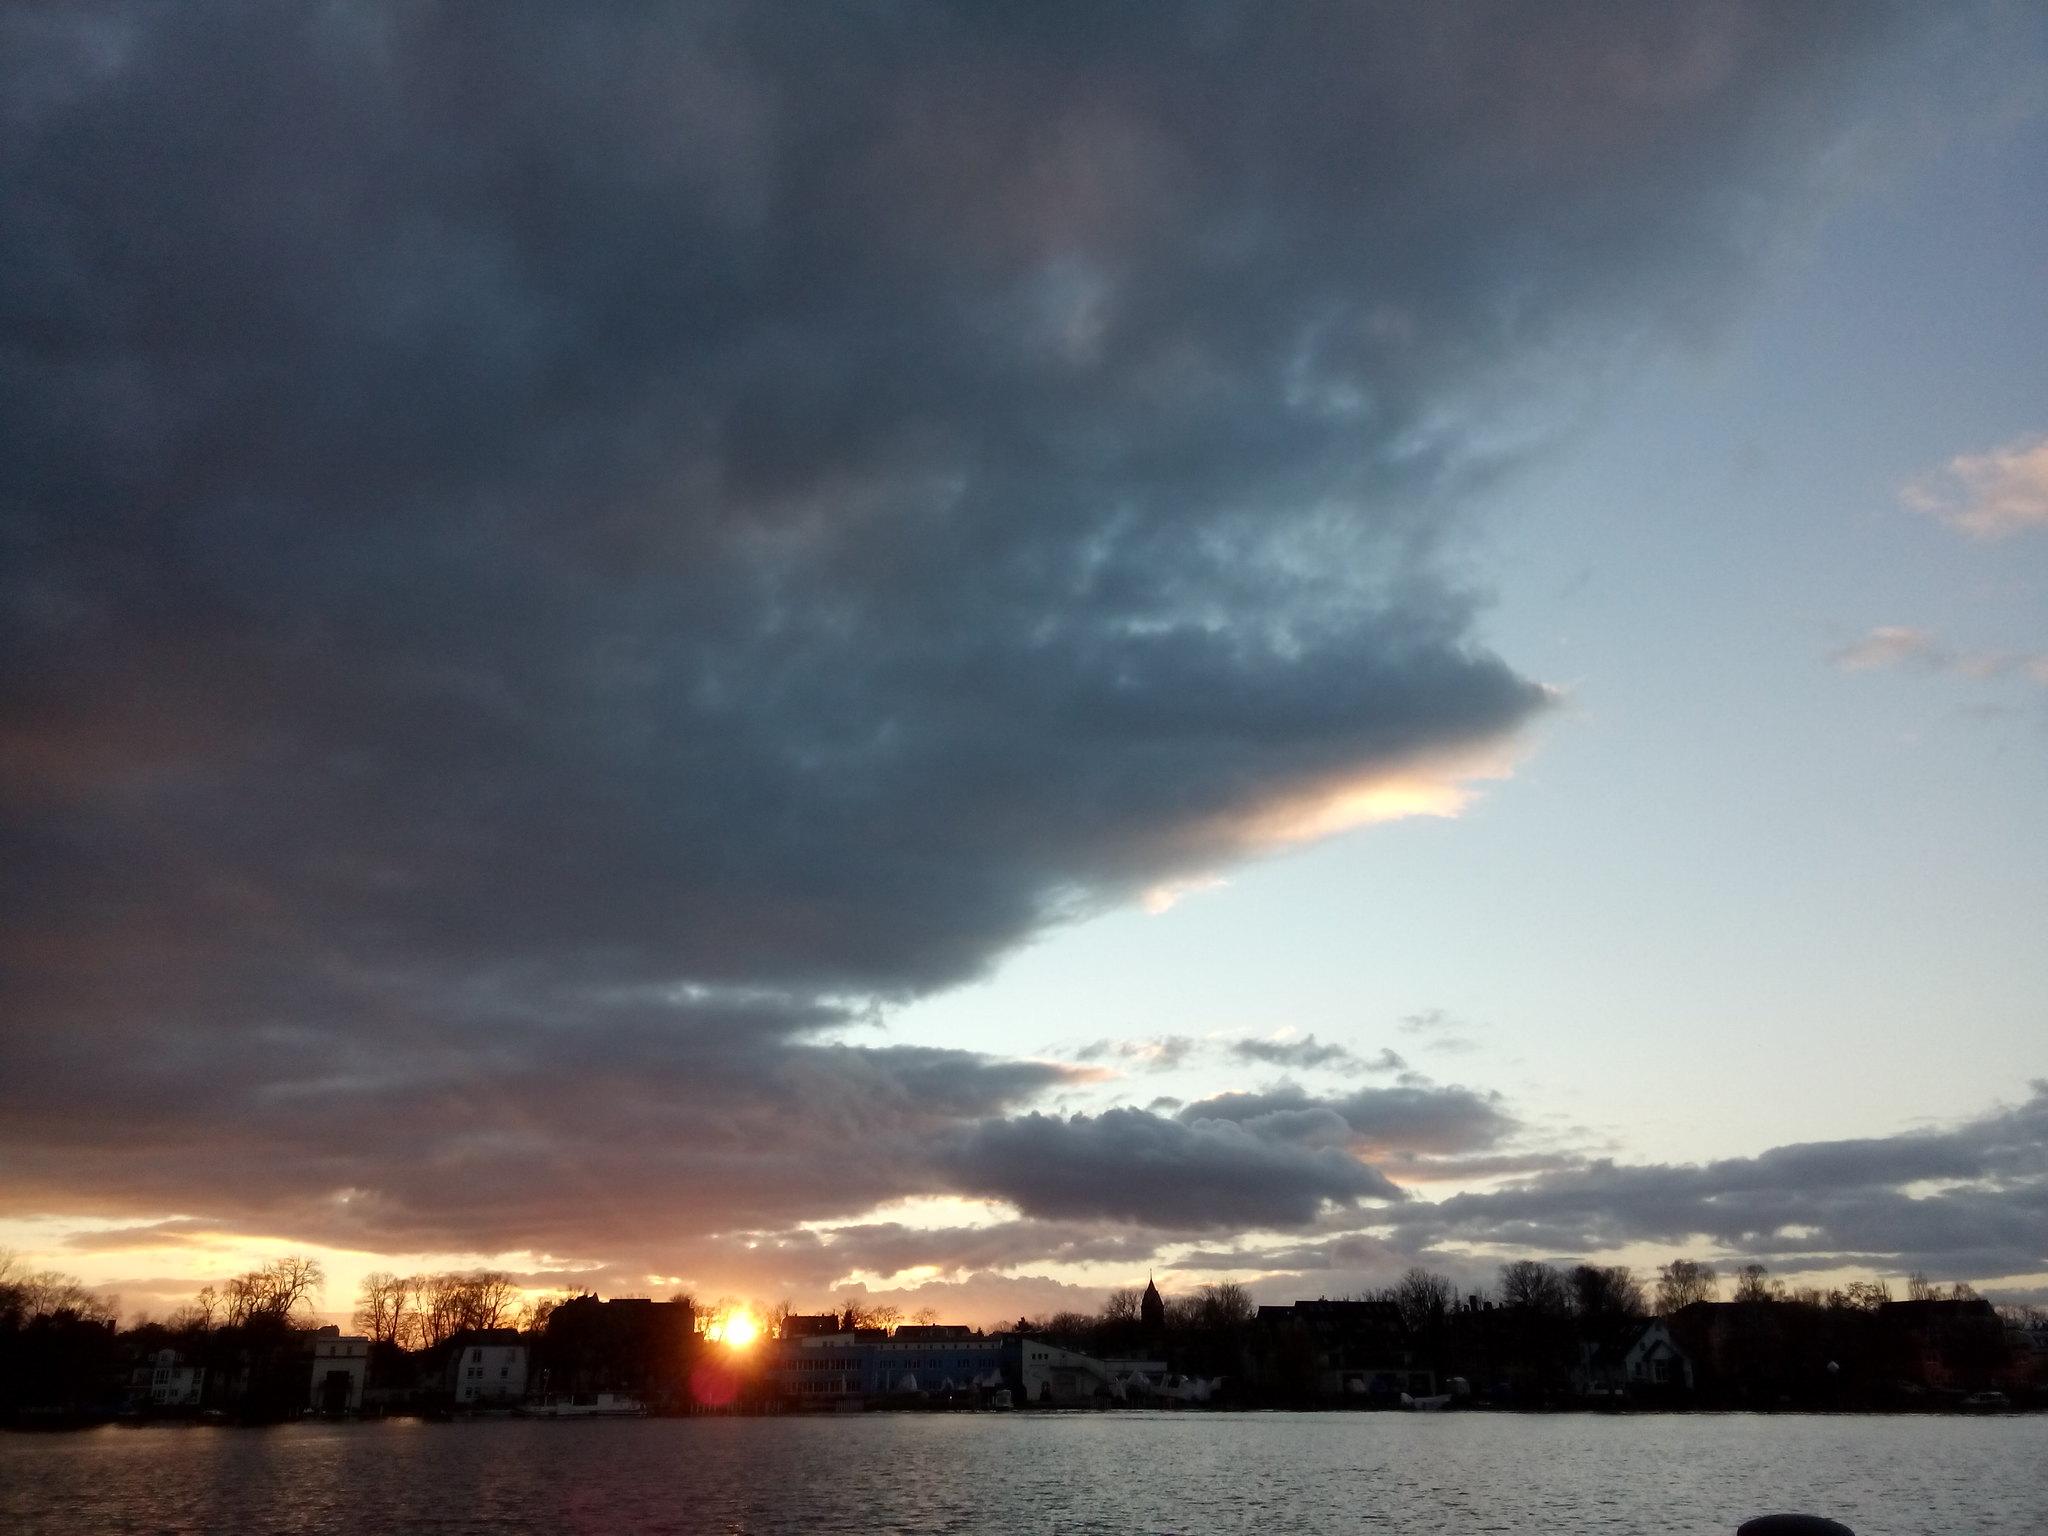 Evening in Köpenick